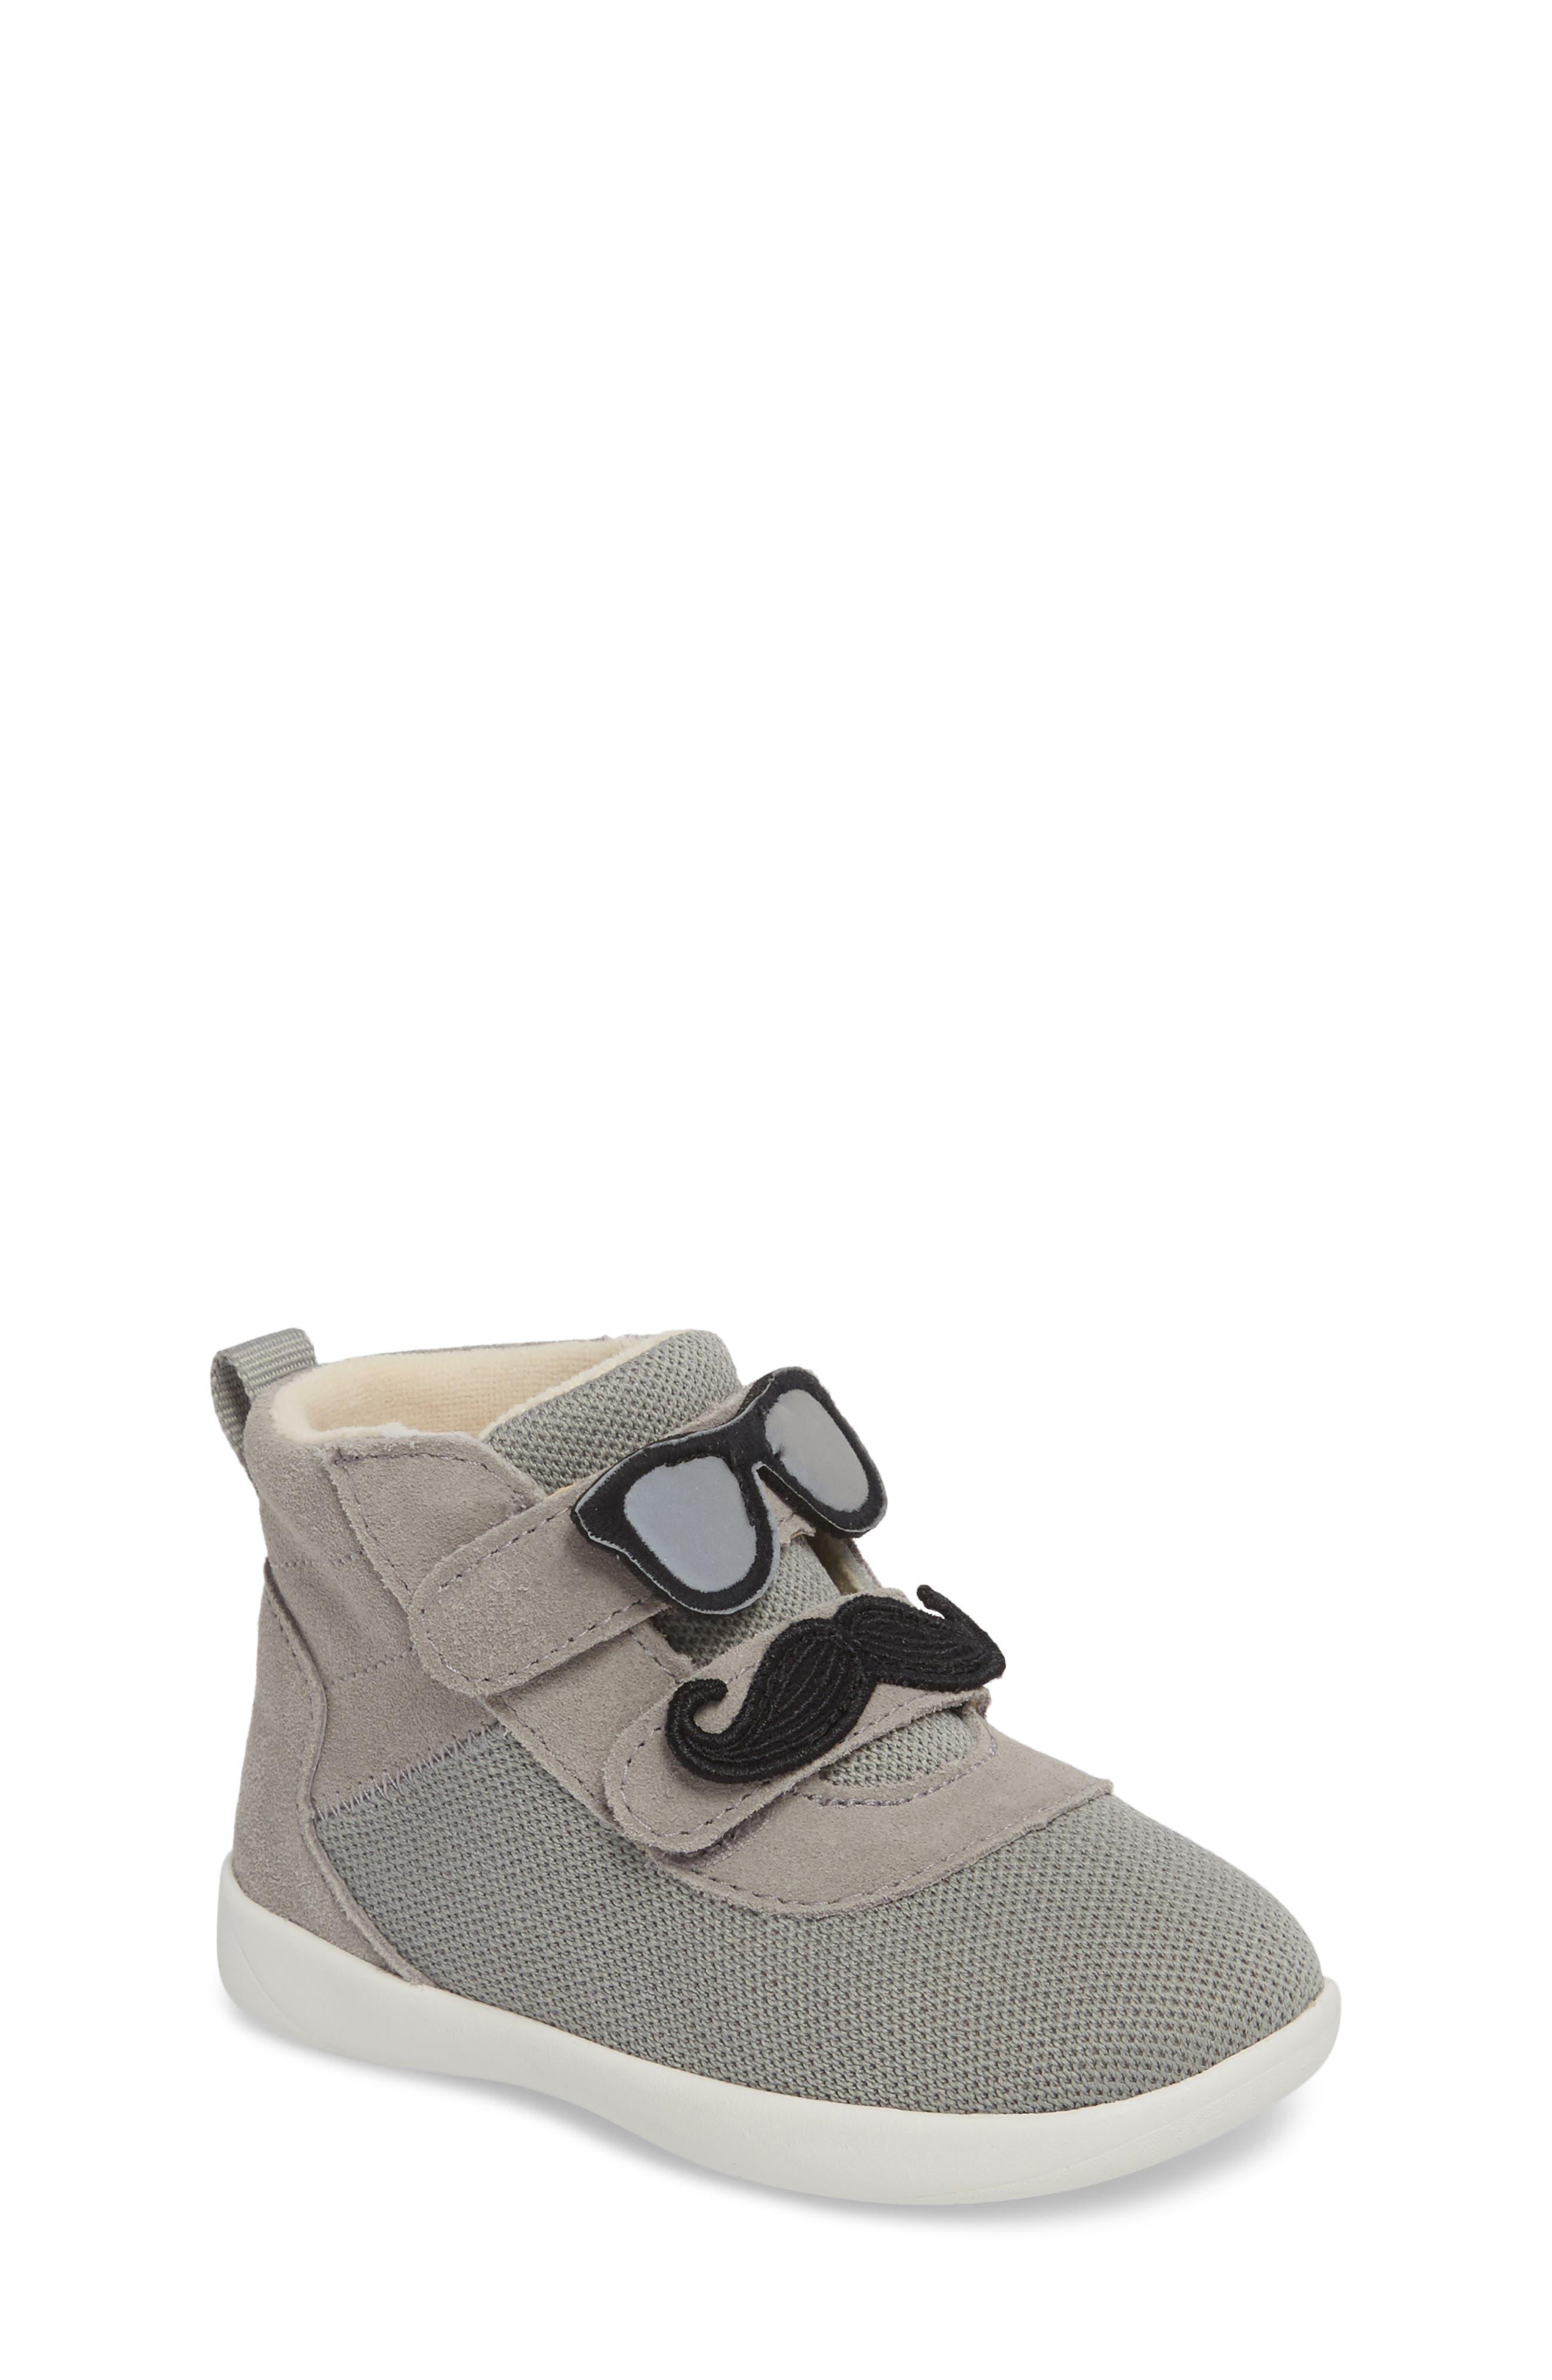 Drex Sunglasses & Mustache Appliqué Sneaker,                         Main,                         color, 024